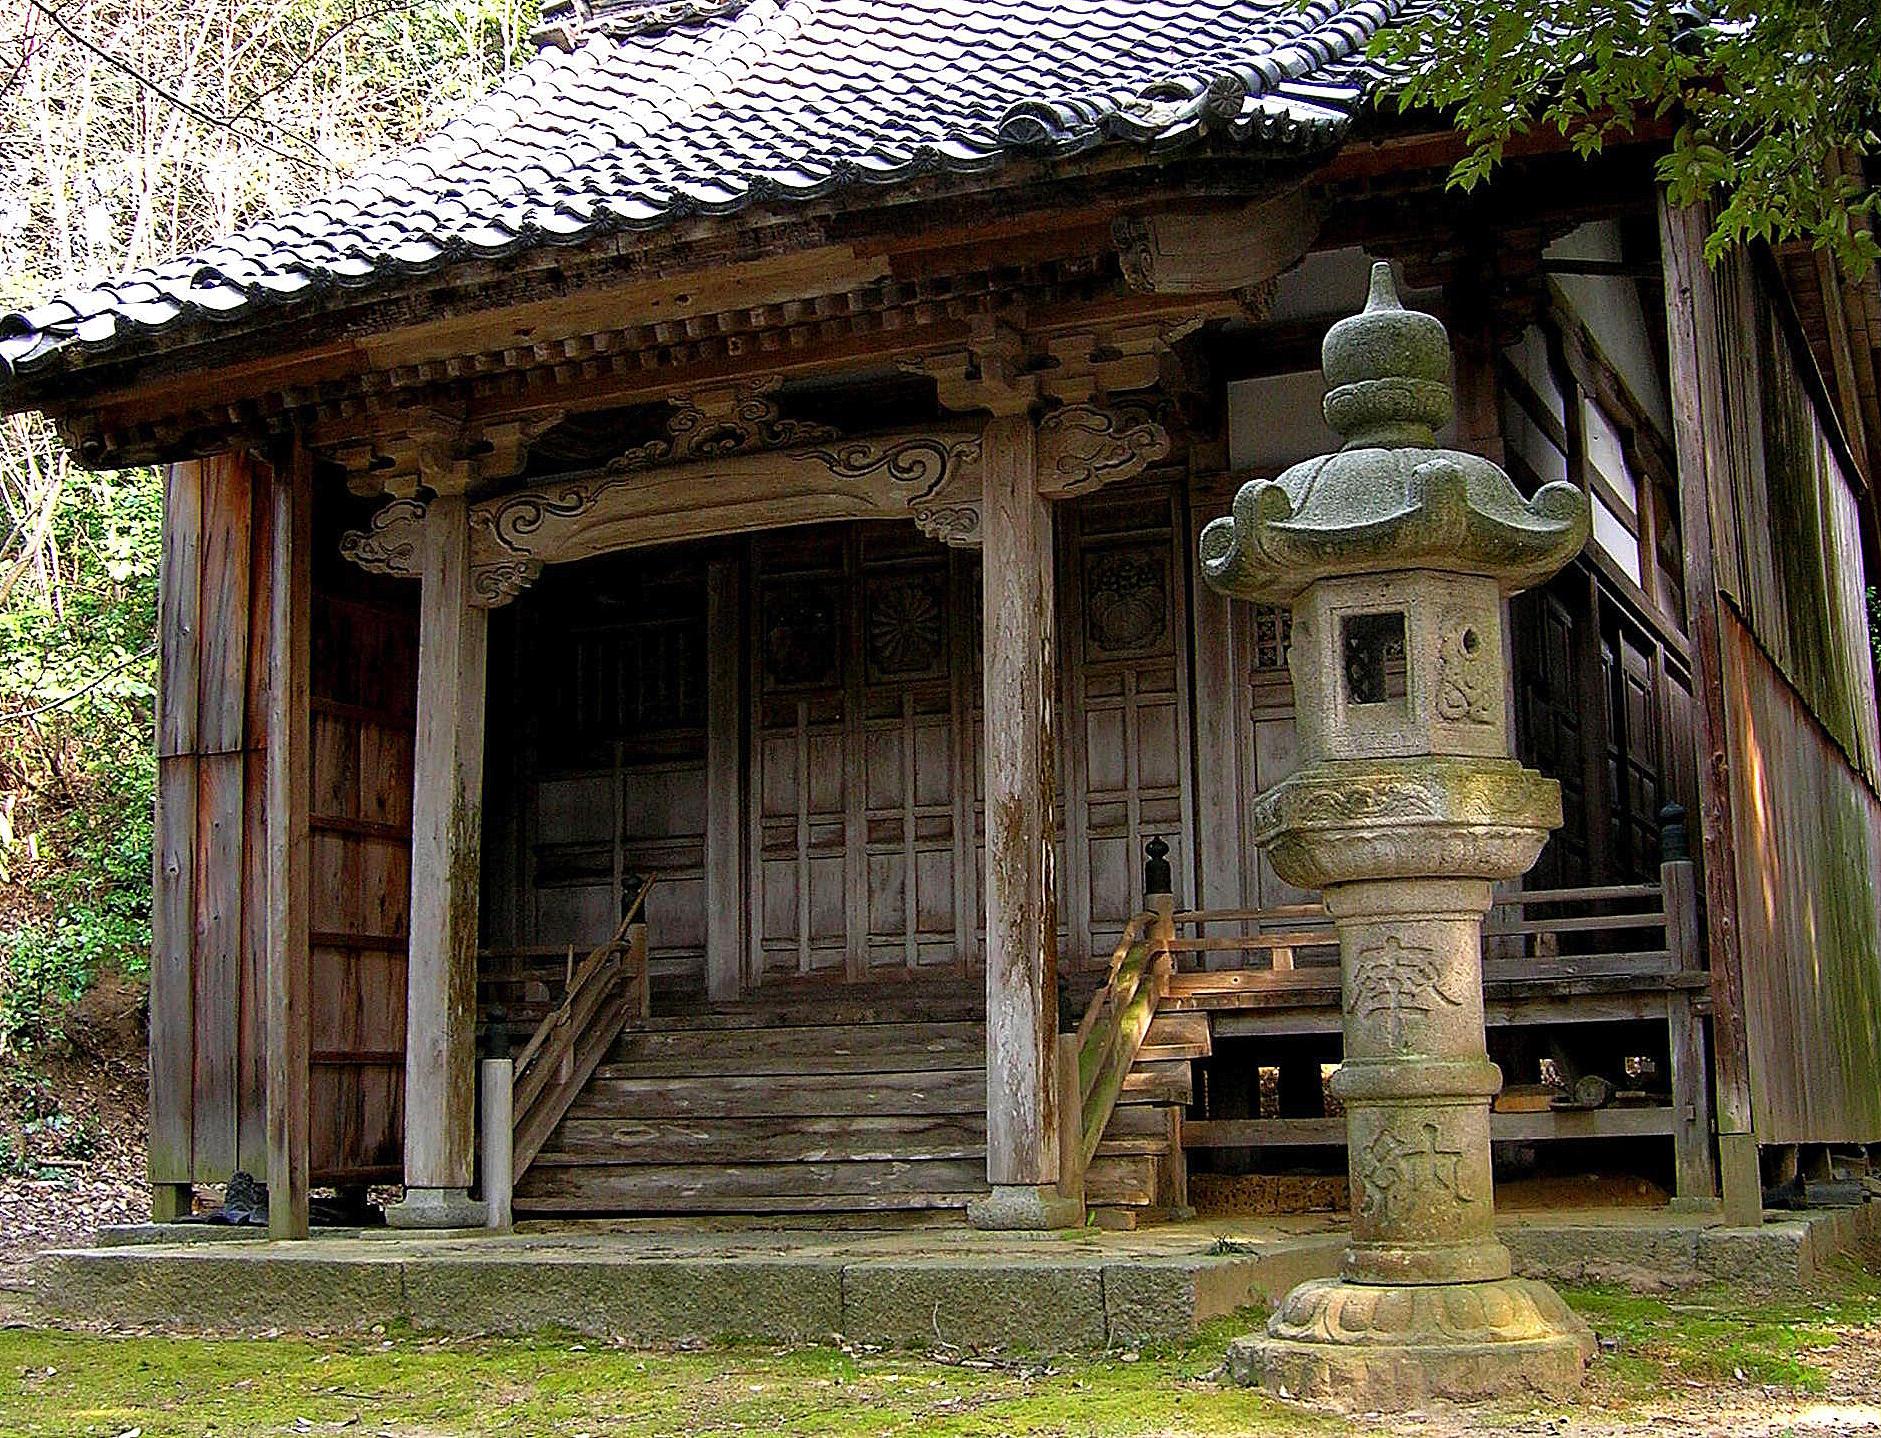 Shrine, Japan. 2005.